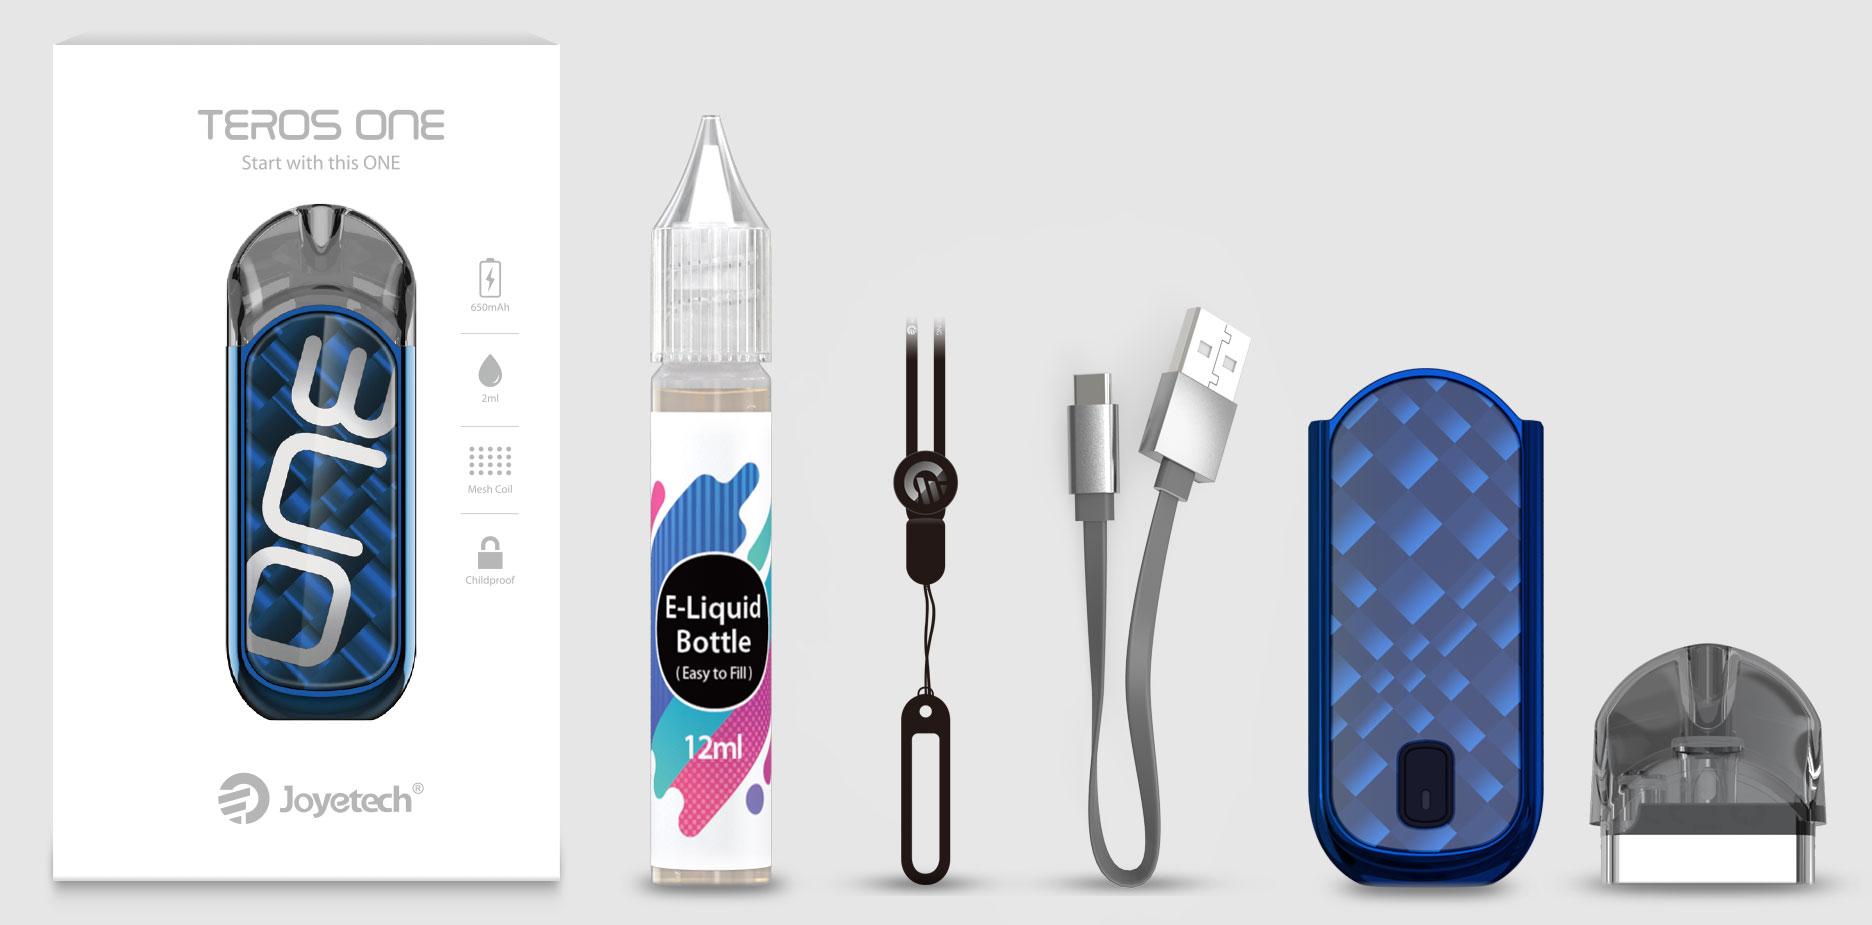 Joyetech Teros One Pod Kit Package